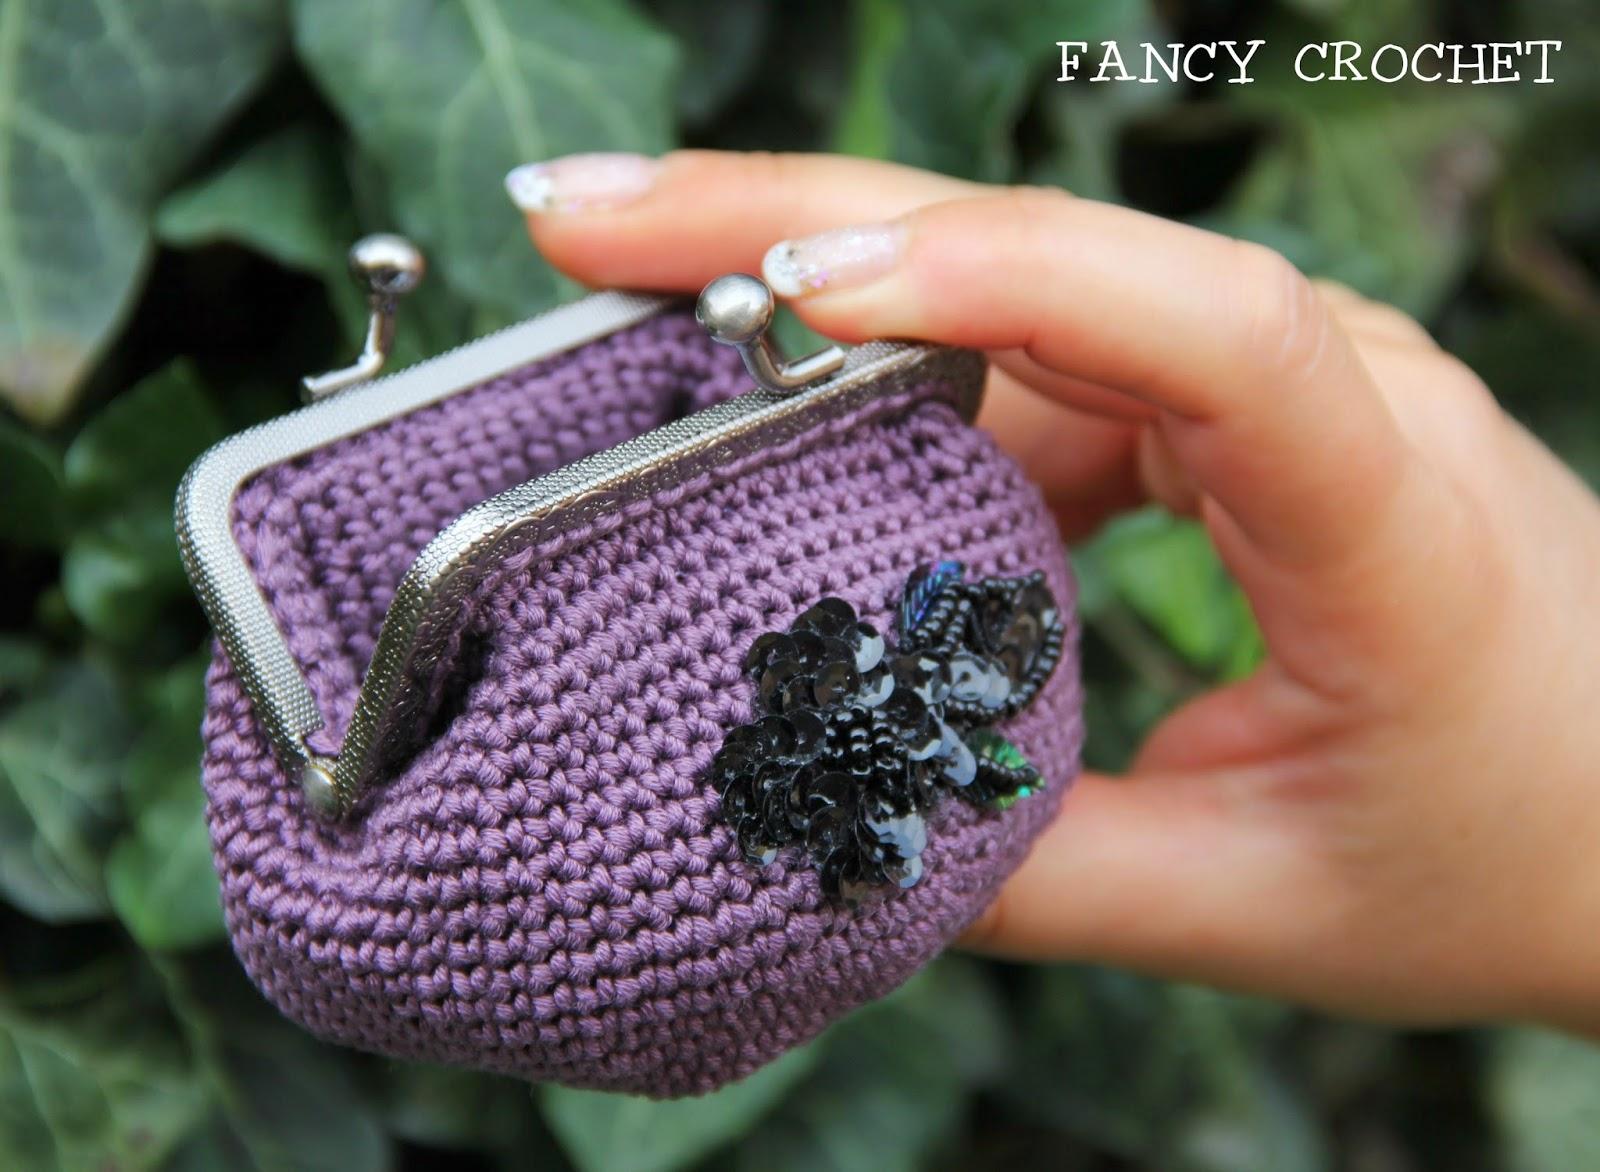 Fancy Crochet Borsellino Click Clack Malva è Eleganza